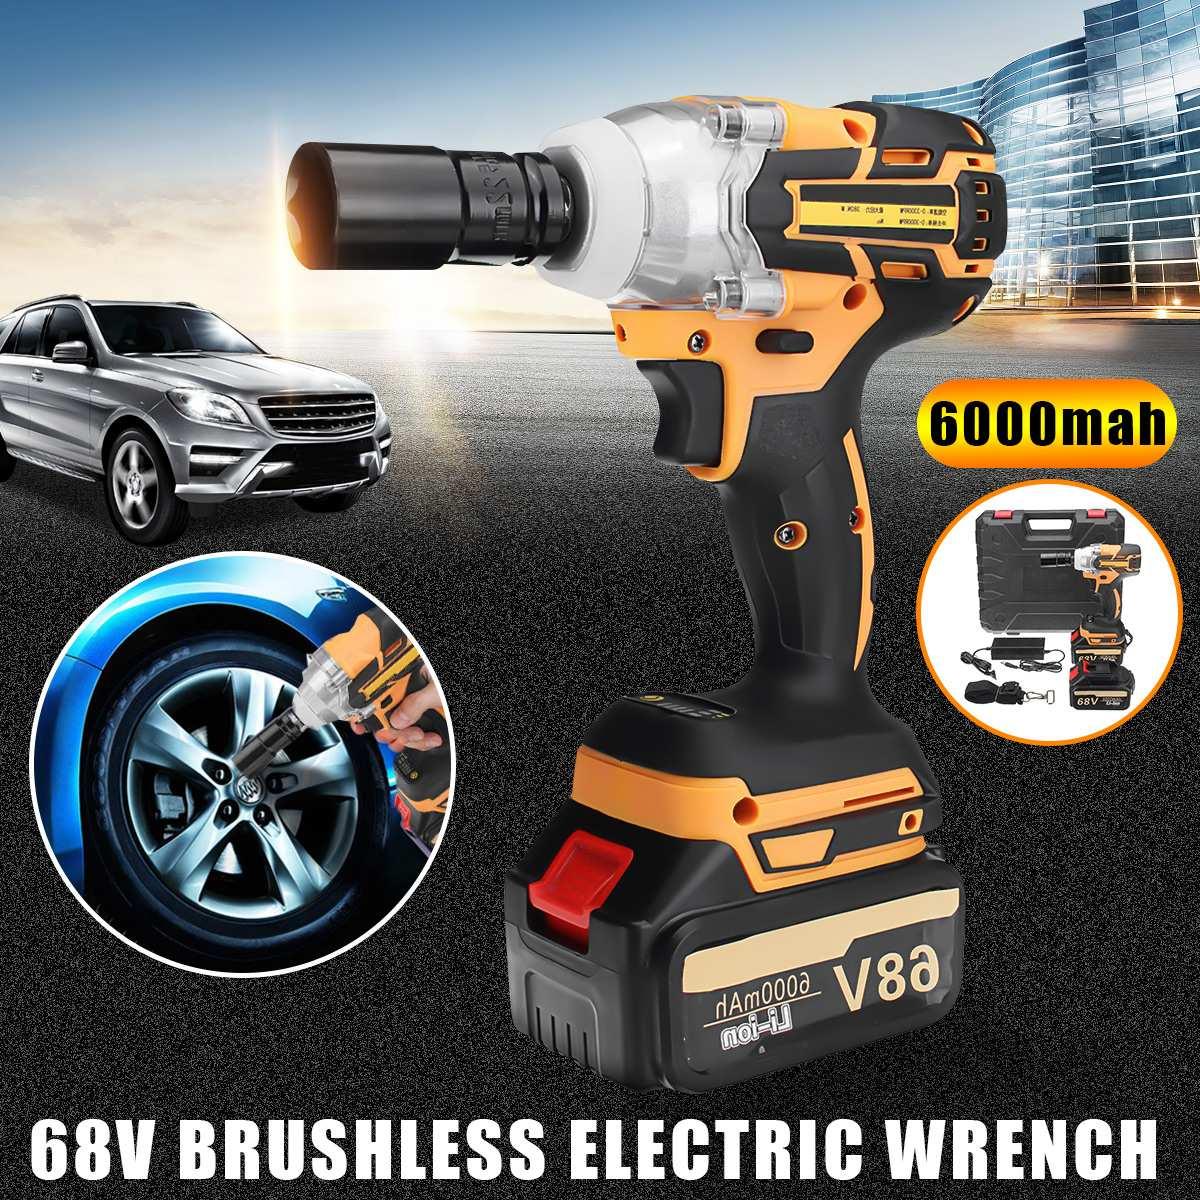 68 V 6000 mAh/8000 mAh Brushless Cordless Elettrico Impatto Chiave a tubo Ricaricabile Al Litio Della Batteria Auto A Casa Auto Impatto trapano